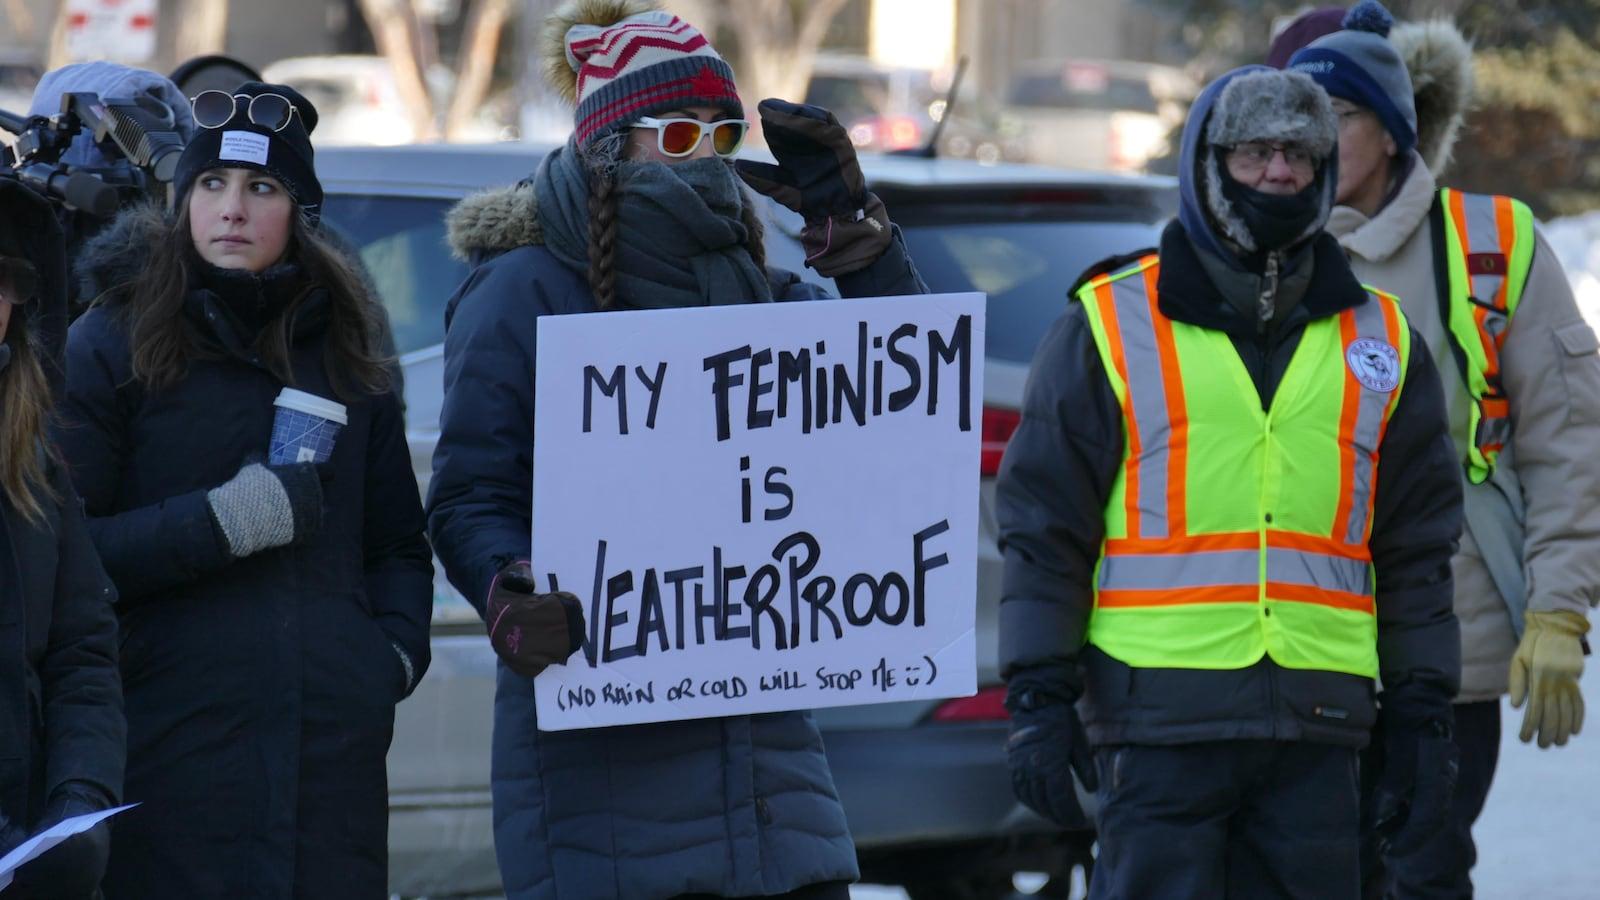 Une femme, portant un manteau d'hiver et des lunettes, brandit une pancarte qui dit, en anglais : « My feminism is Weatherproof », suivi de l'inscription « no rain or cold will stop me », autrement dit « ni la pluie ni le froid ne vont m'arrêter ». Elle est entourée d'autres femmes et de membres de la patrouille communautaire Bear Clan.